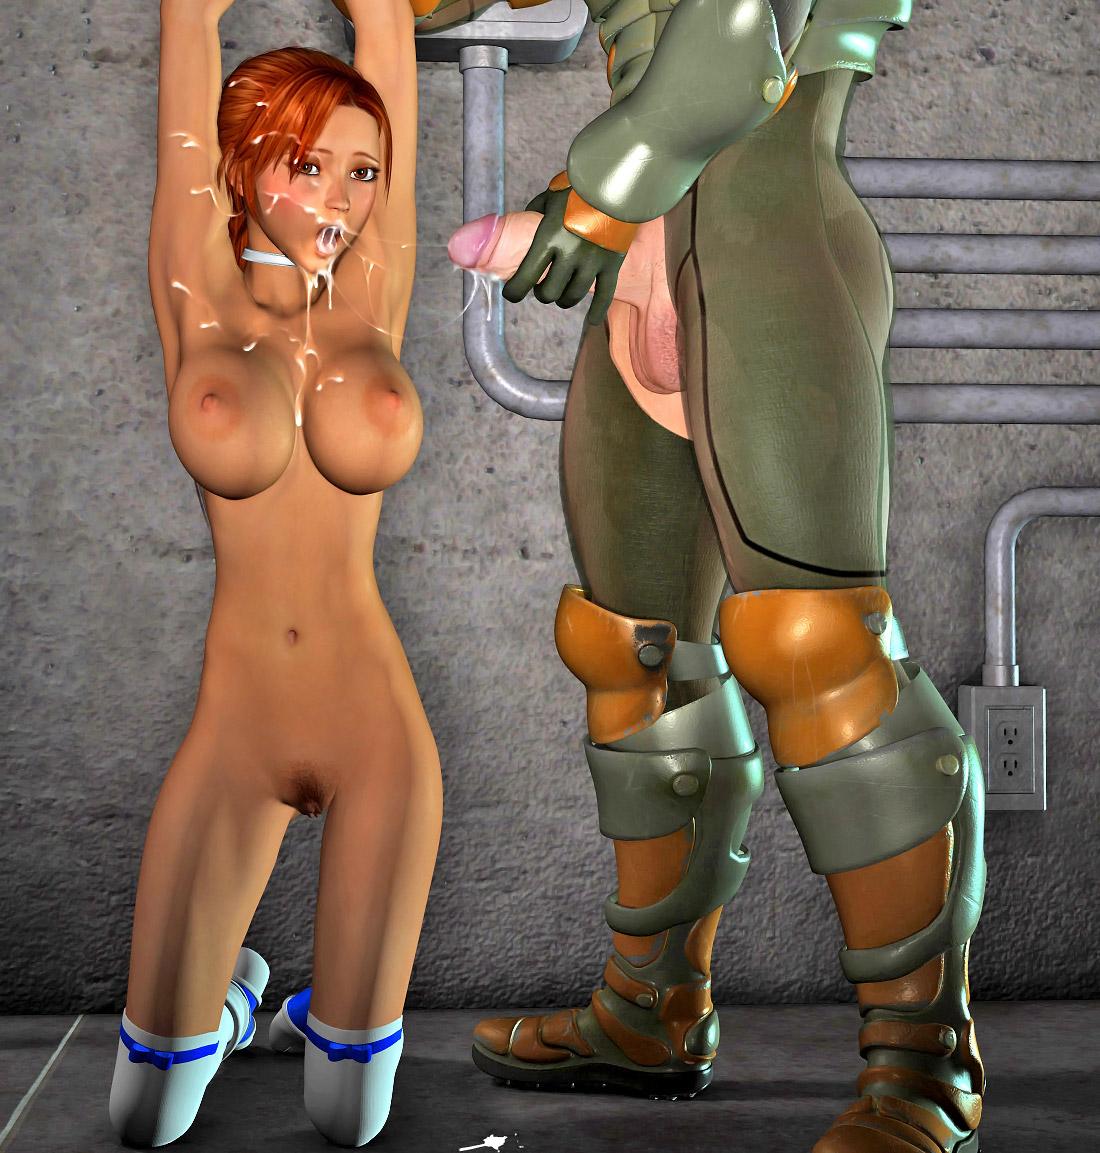 Human hybrids xxx pornos galleries